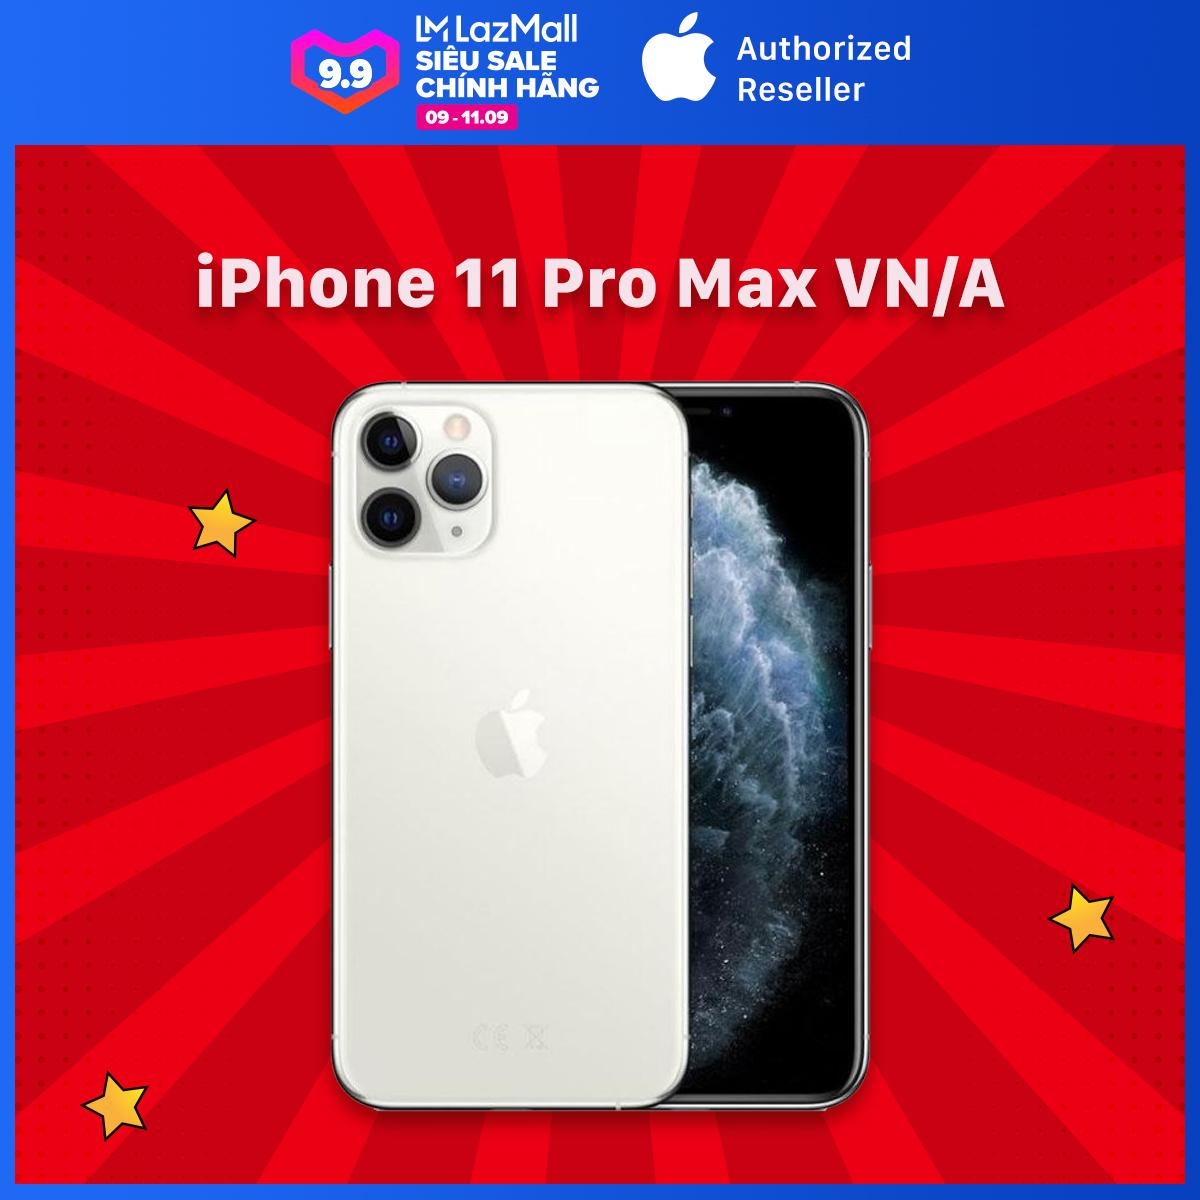 [9.9] [Voucher 1.6Tr Duy Nhất Hôm Này] iPhone 11 Pro Max - Chính Hãng VN/A - Mới 100% (Chưa Kích Hoạt, Chưa qua sử dụng) - Bảo Hành 12 Tháng Tại TTBH Apple - Trả Góp lãi suất 0% qua thẻ tín dụng - Màn Hình Super Retina XDR 6.5inch